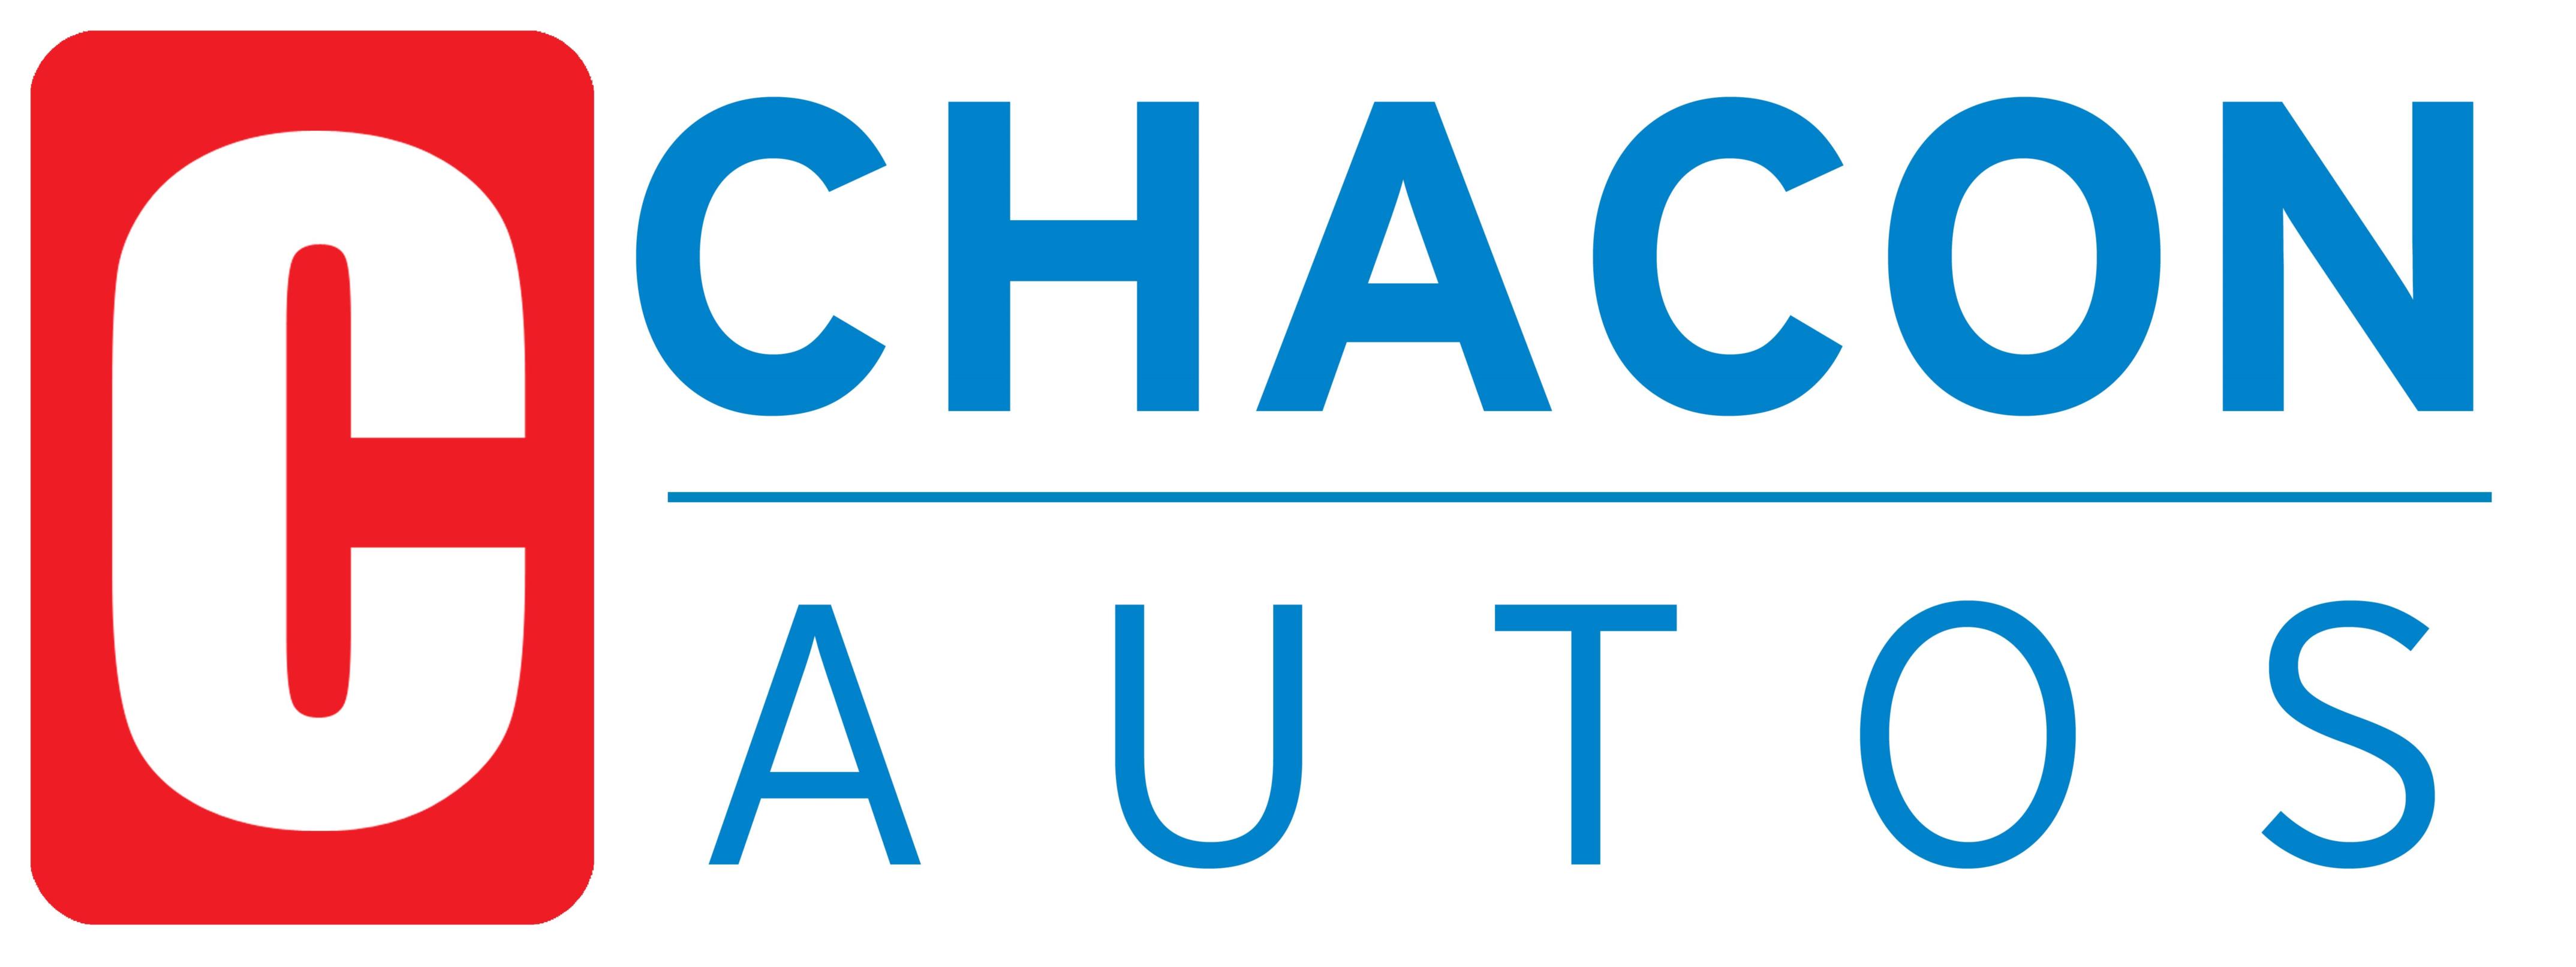 Chacon Autos, LTD logo